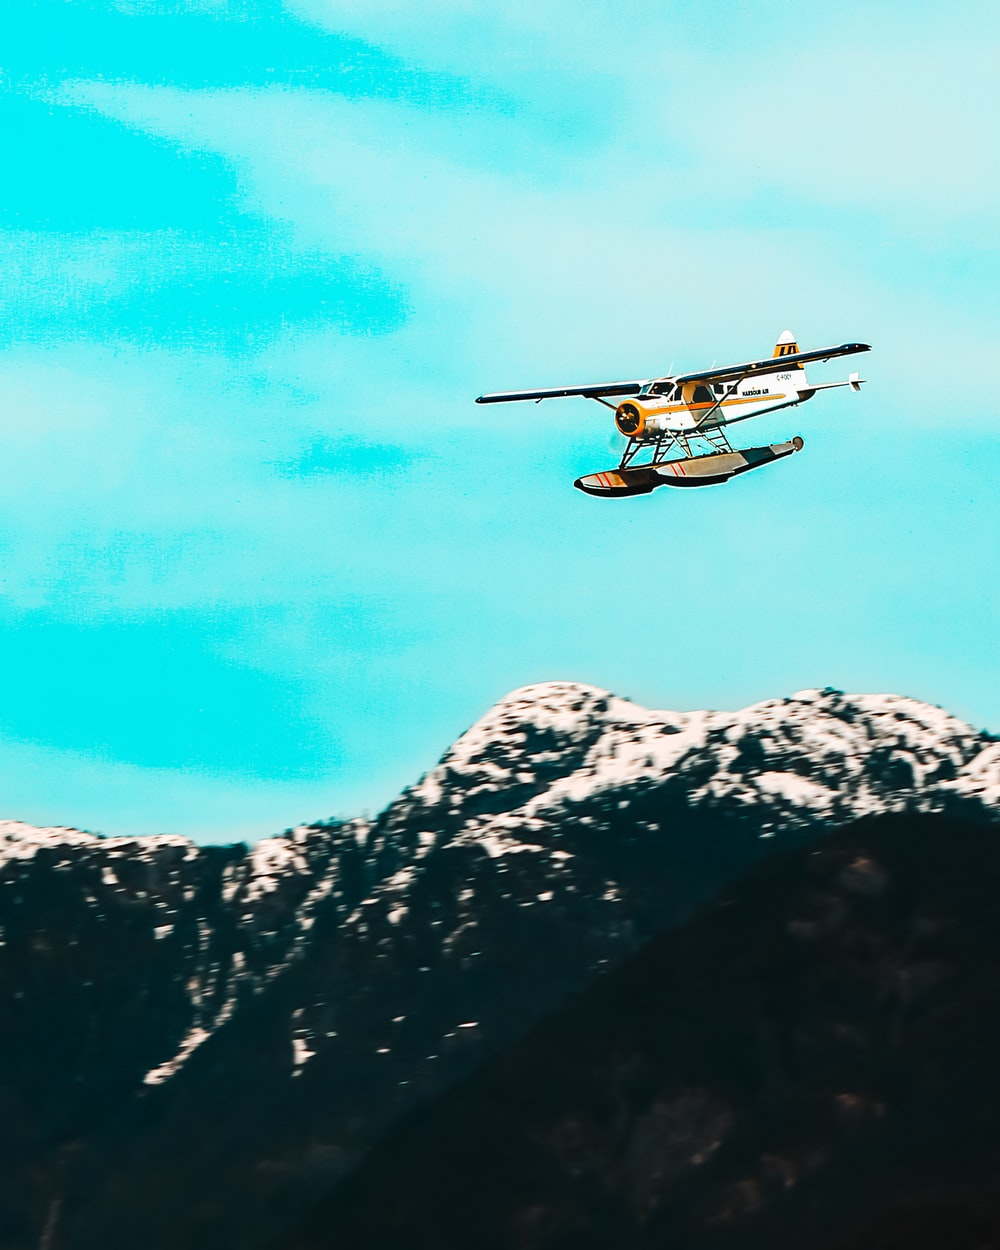 biplane on air at daytime